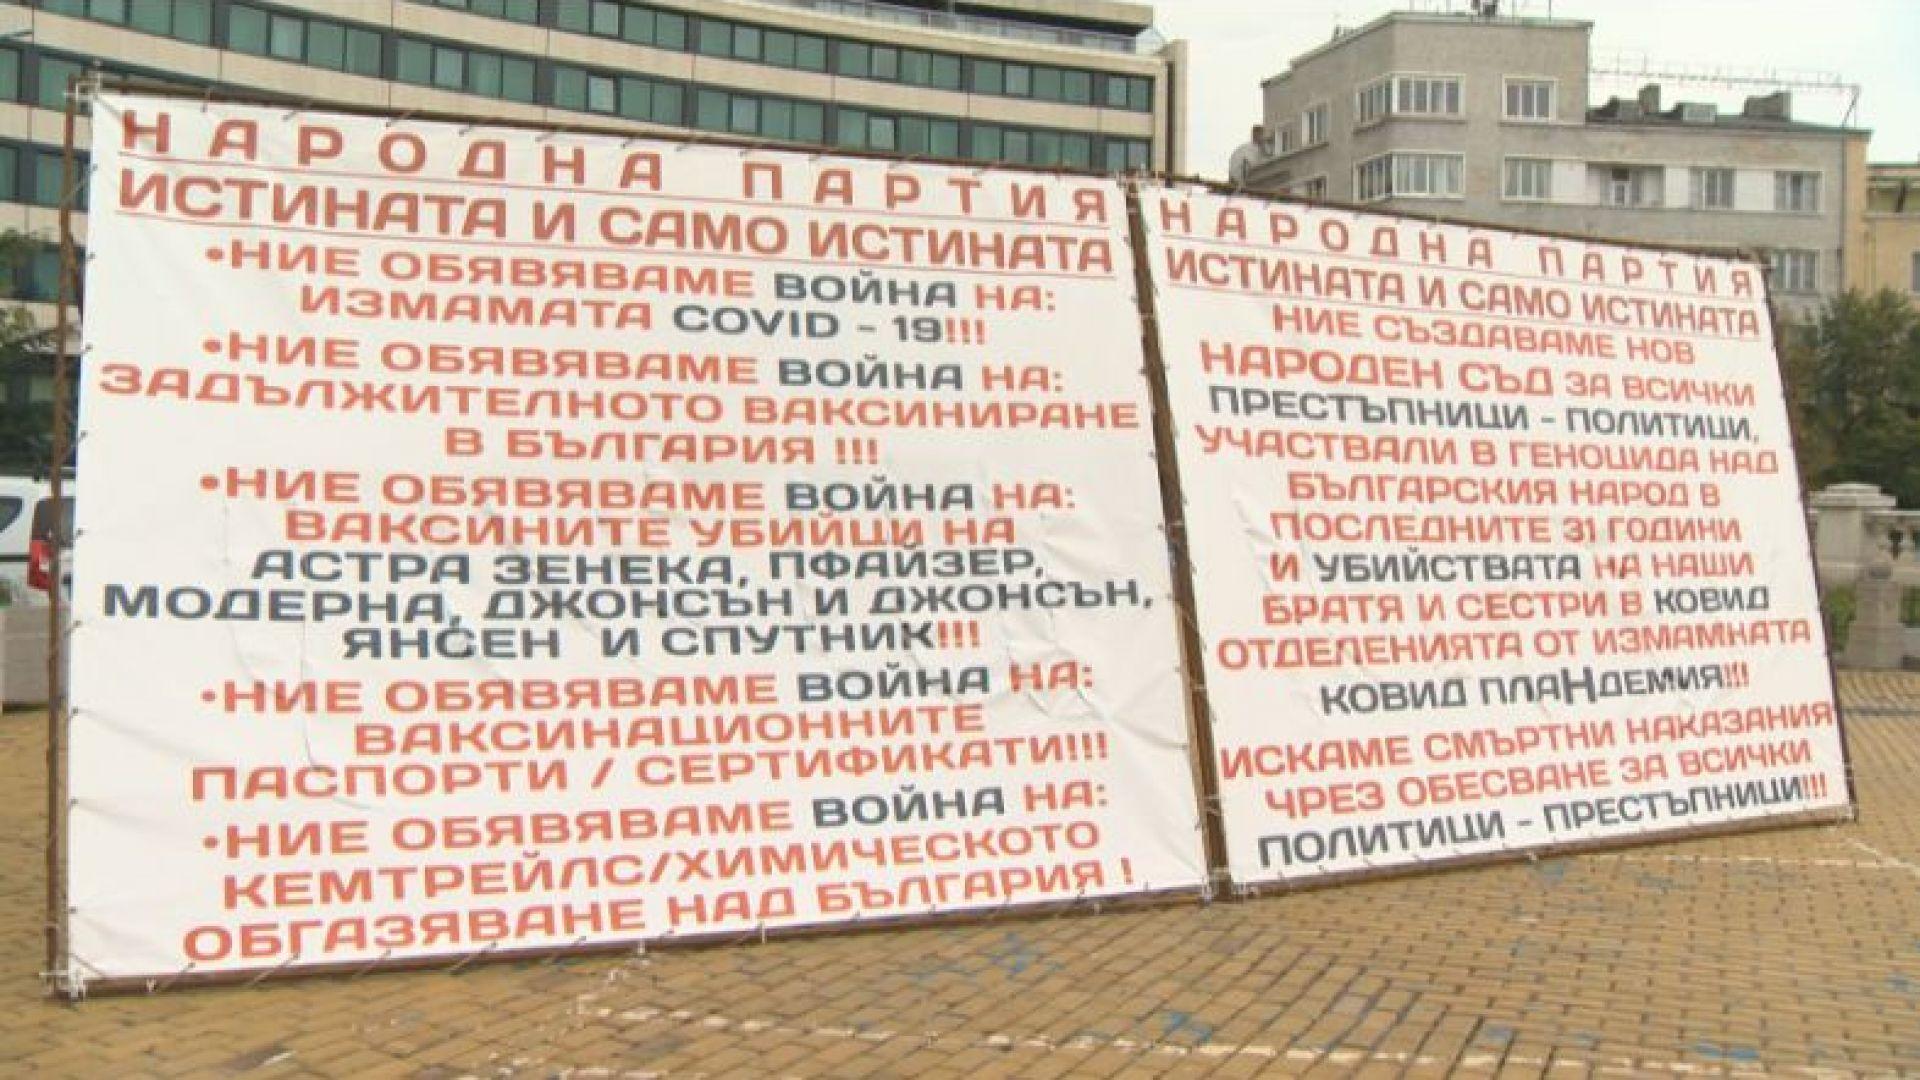 Транспаранти в центъра на София: COVID-19 е измама, а ваксините убиват